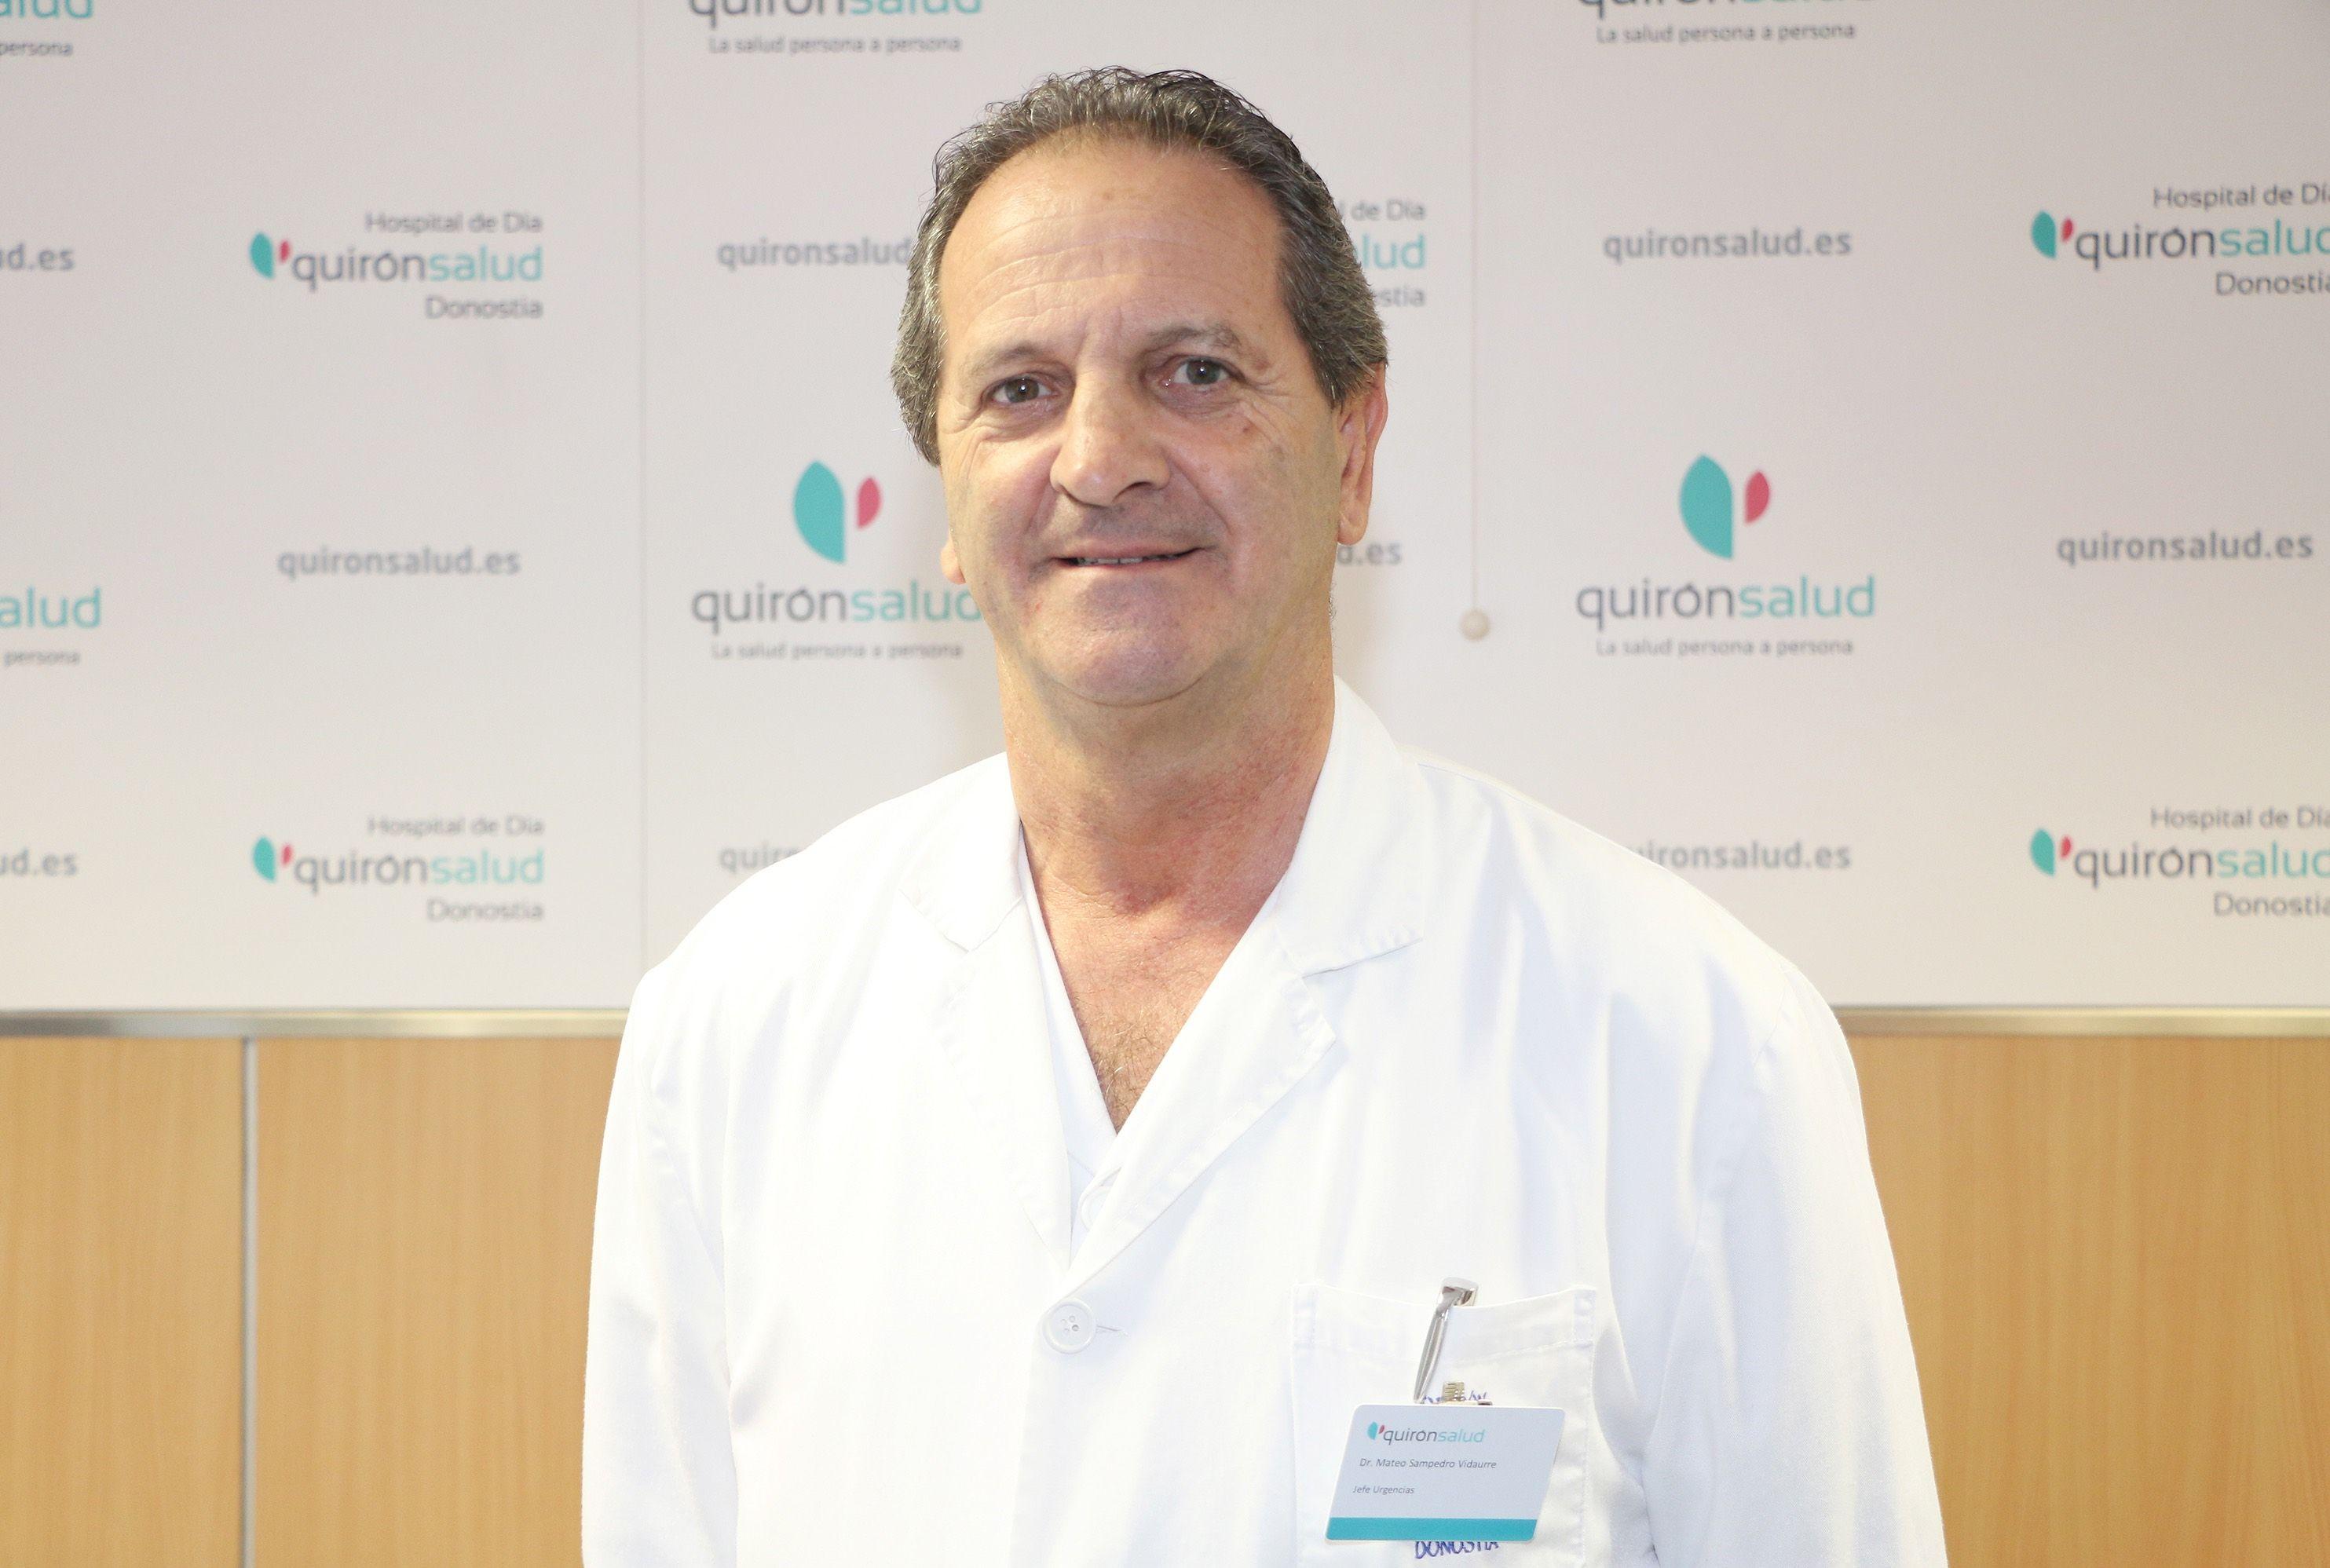 Foto de Mateo Sampedro, jefe del Servicio de Urgencias del Hospital